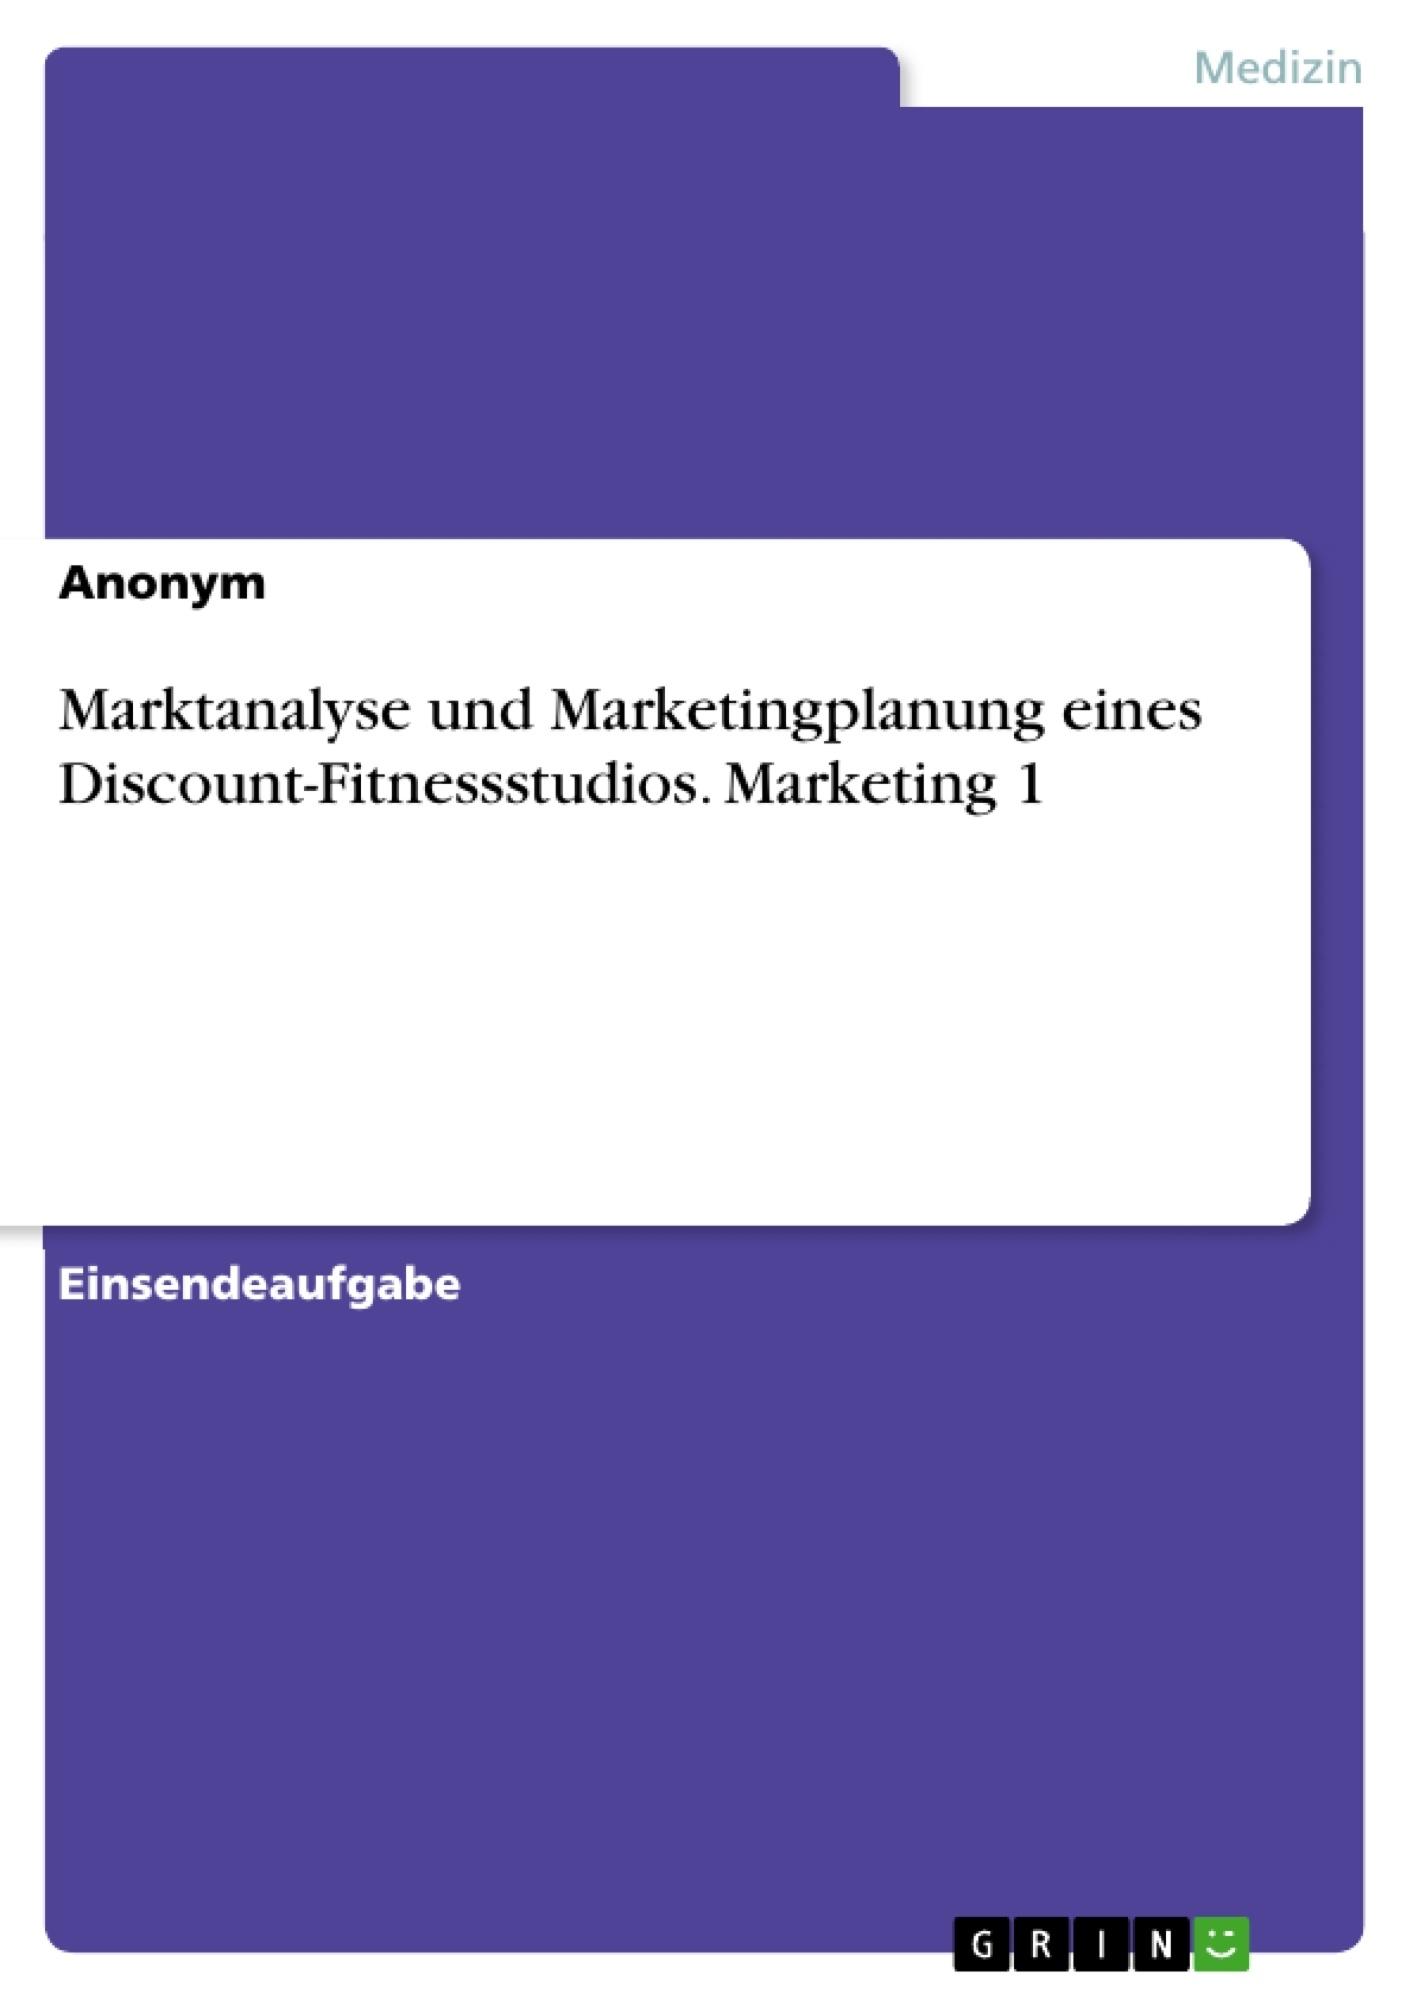 Titel: Marktanalyse und Marketingplanung eines Discount-Fitnessstudios. Marketing 1